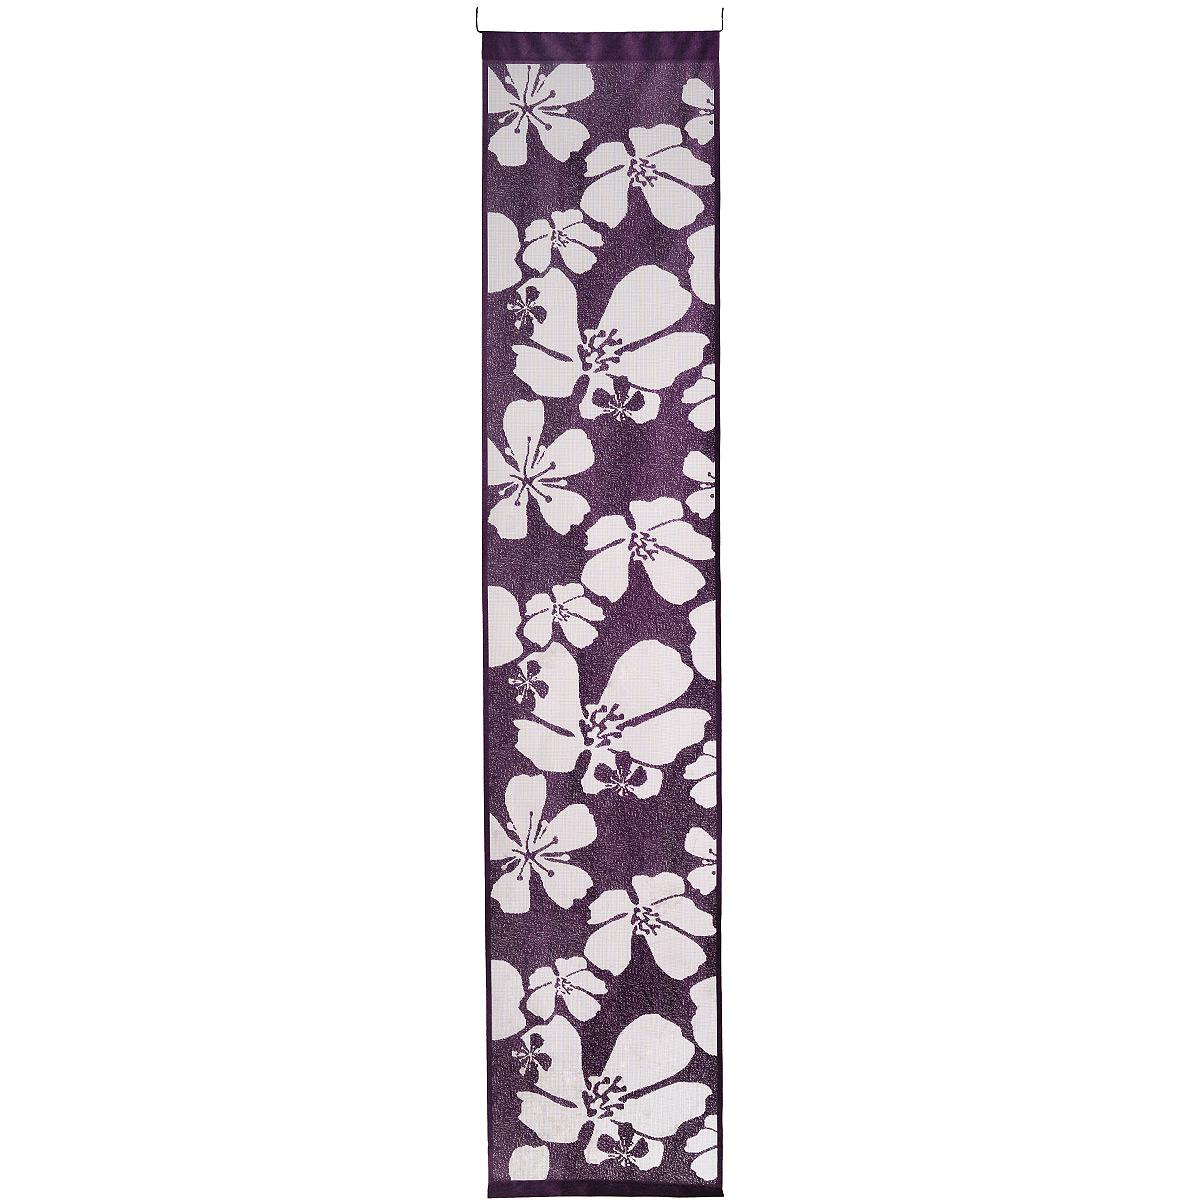 Гардина-панно Wisan, на кулиске, цвет: фиолетовый, высота 240 см. 9897